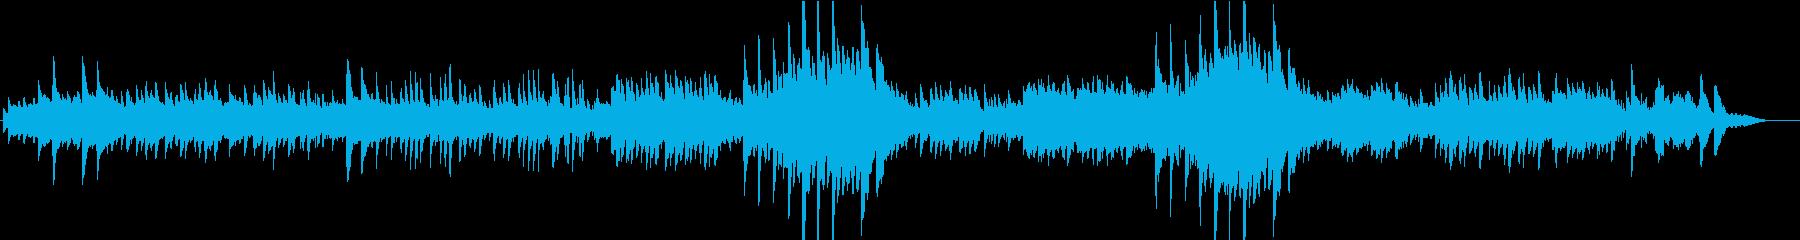 ベニスのゴンドラの歌の再生済みの波形